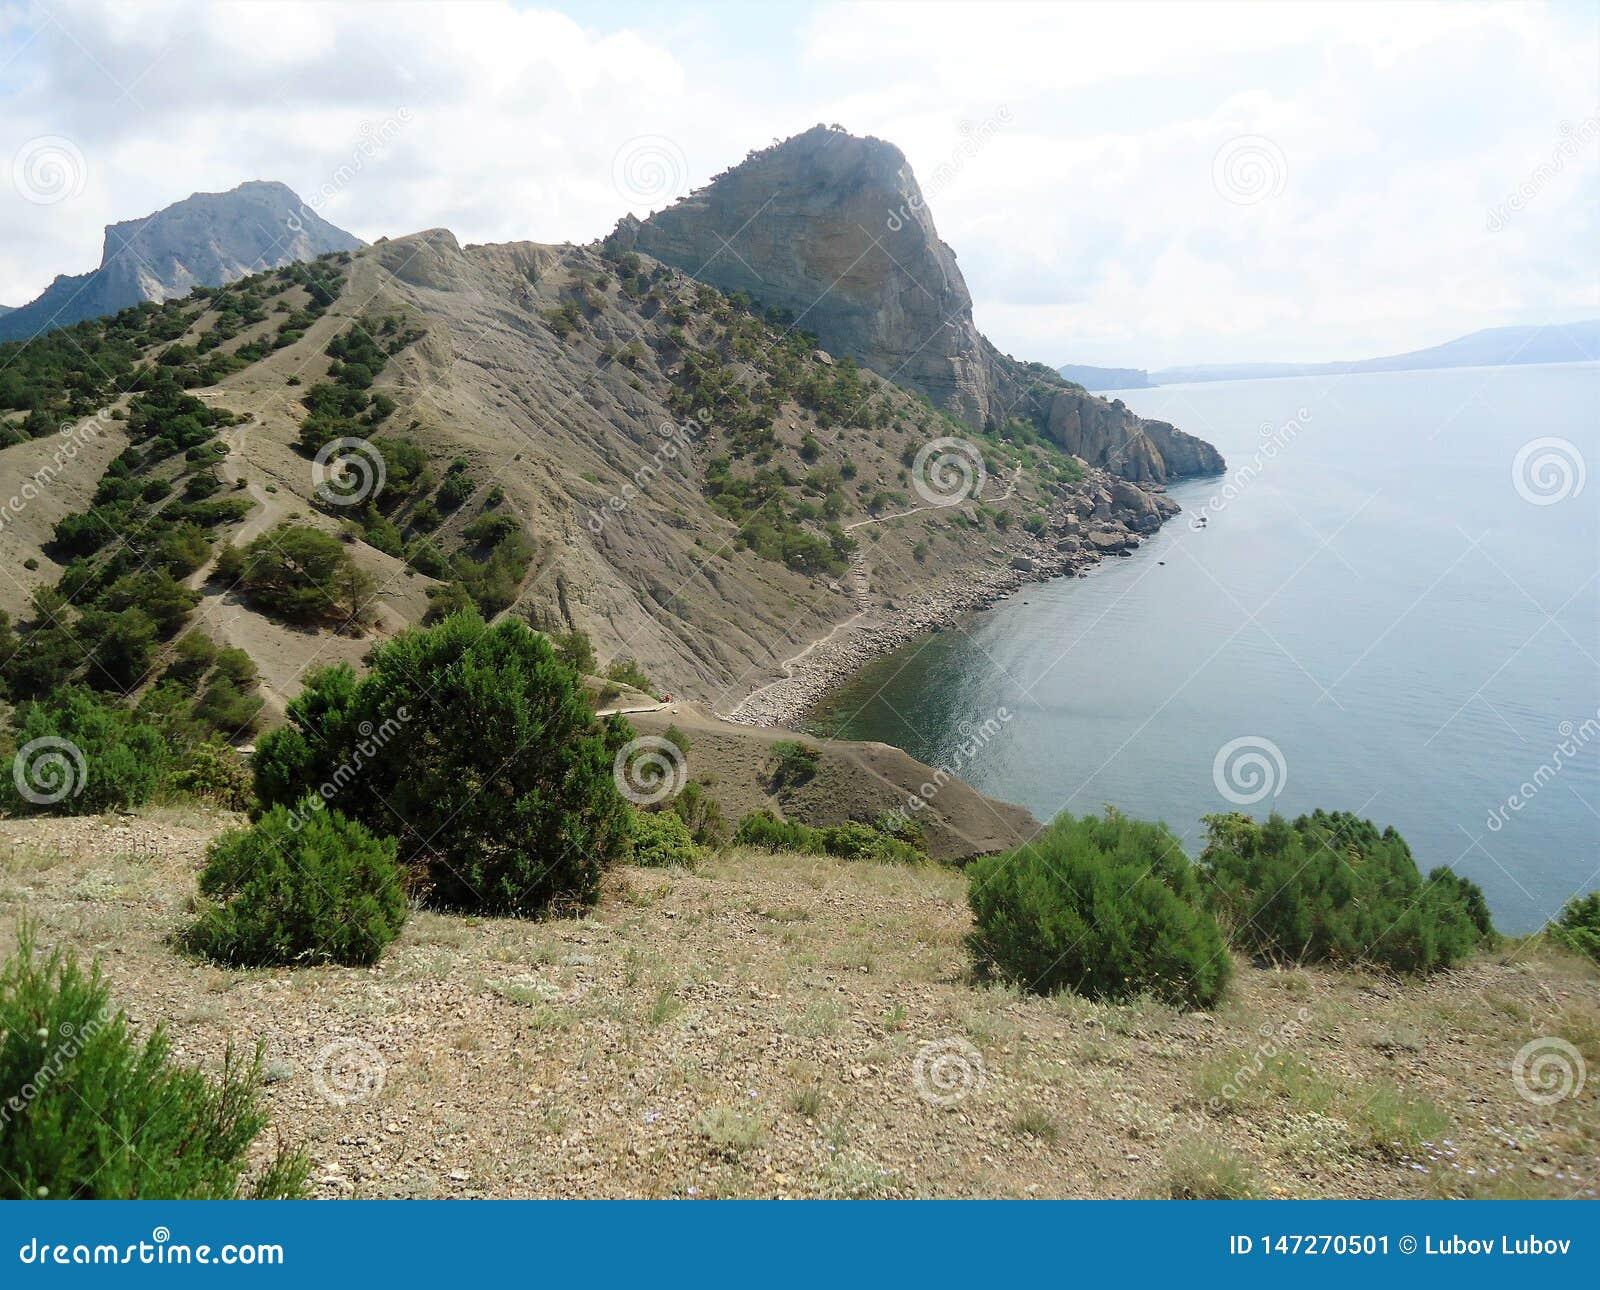 Die Berge auf der Insel sind steil und unzugänglich